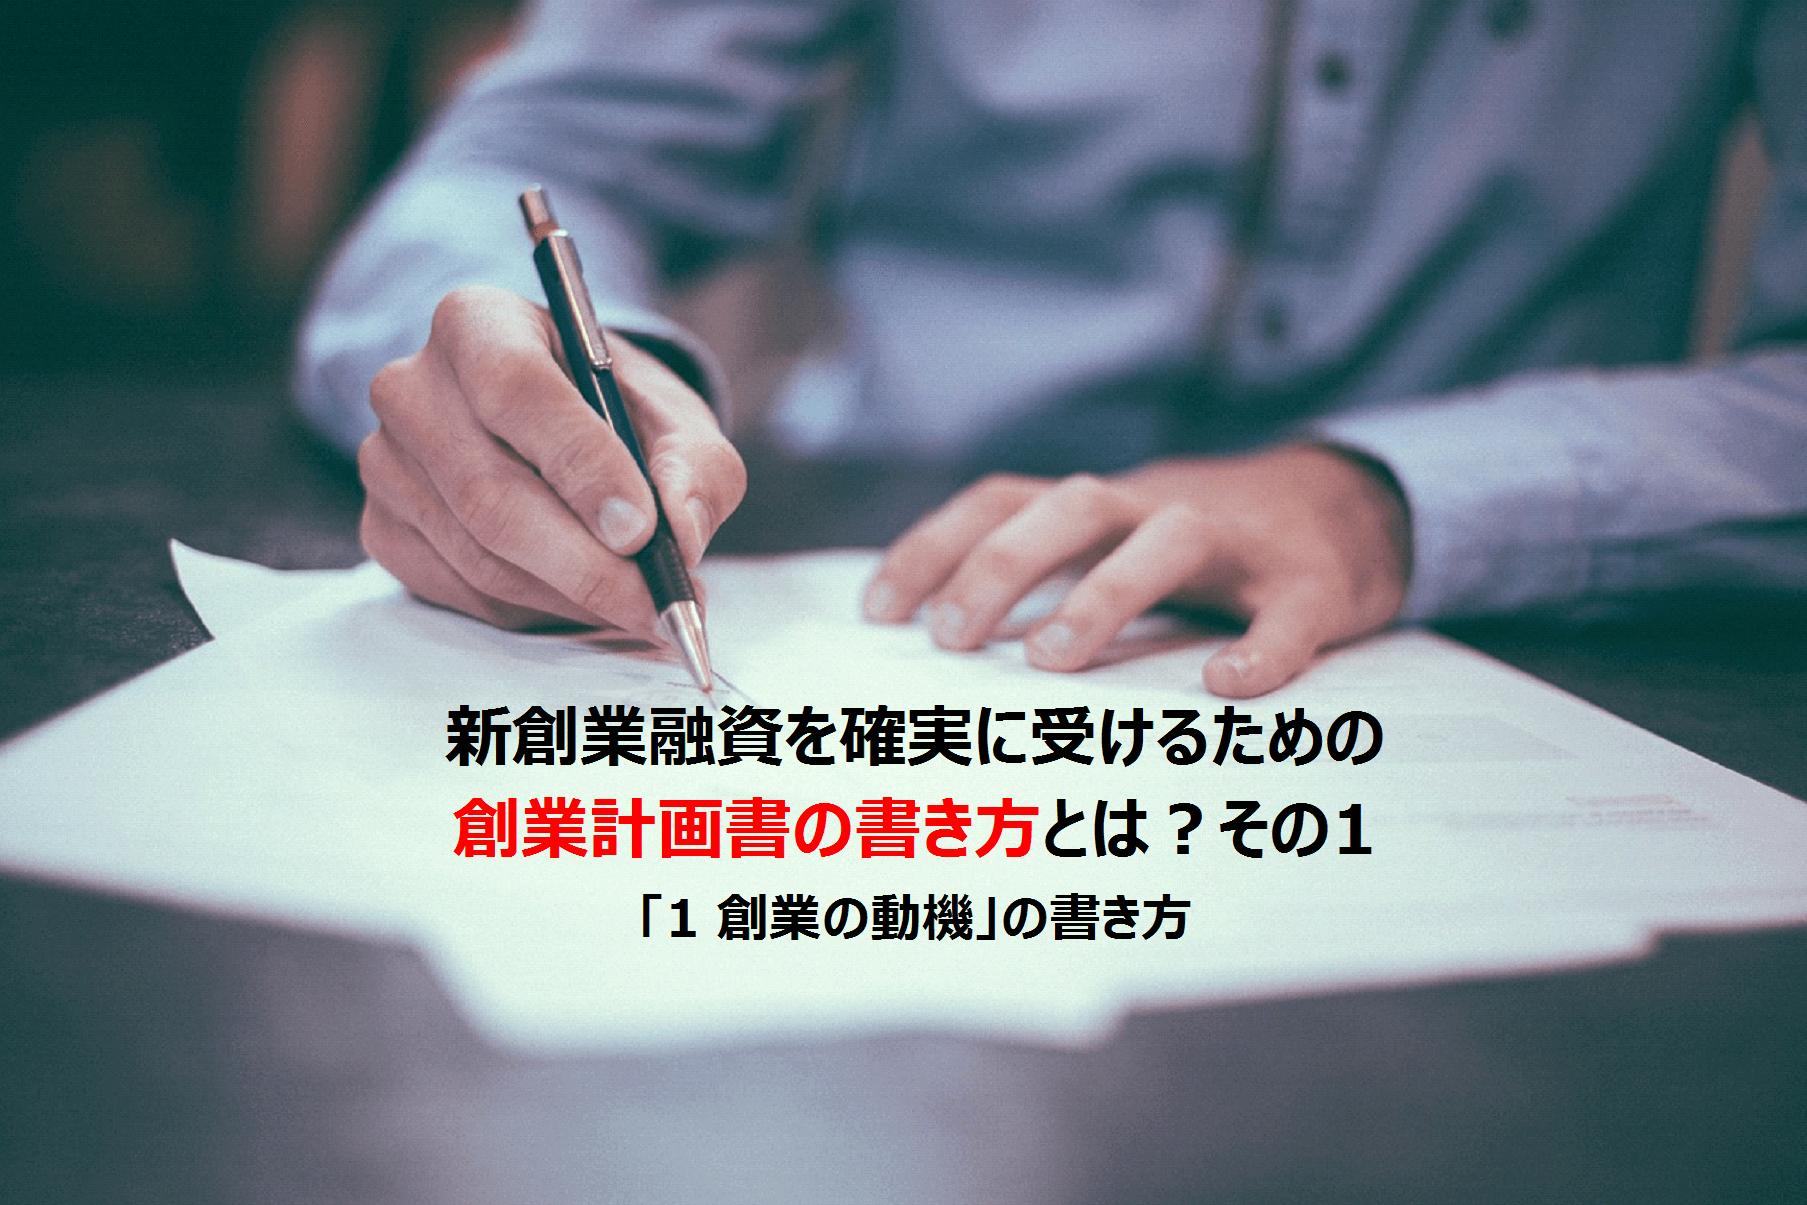 創業計画書の書き方1